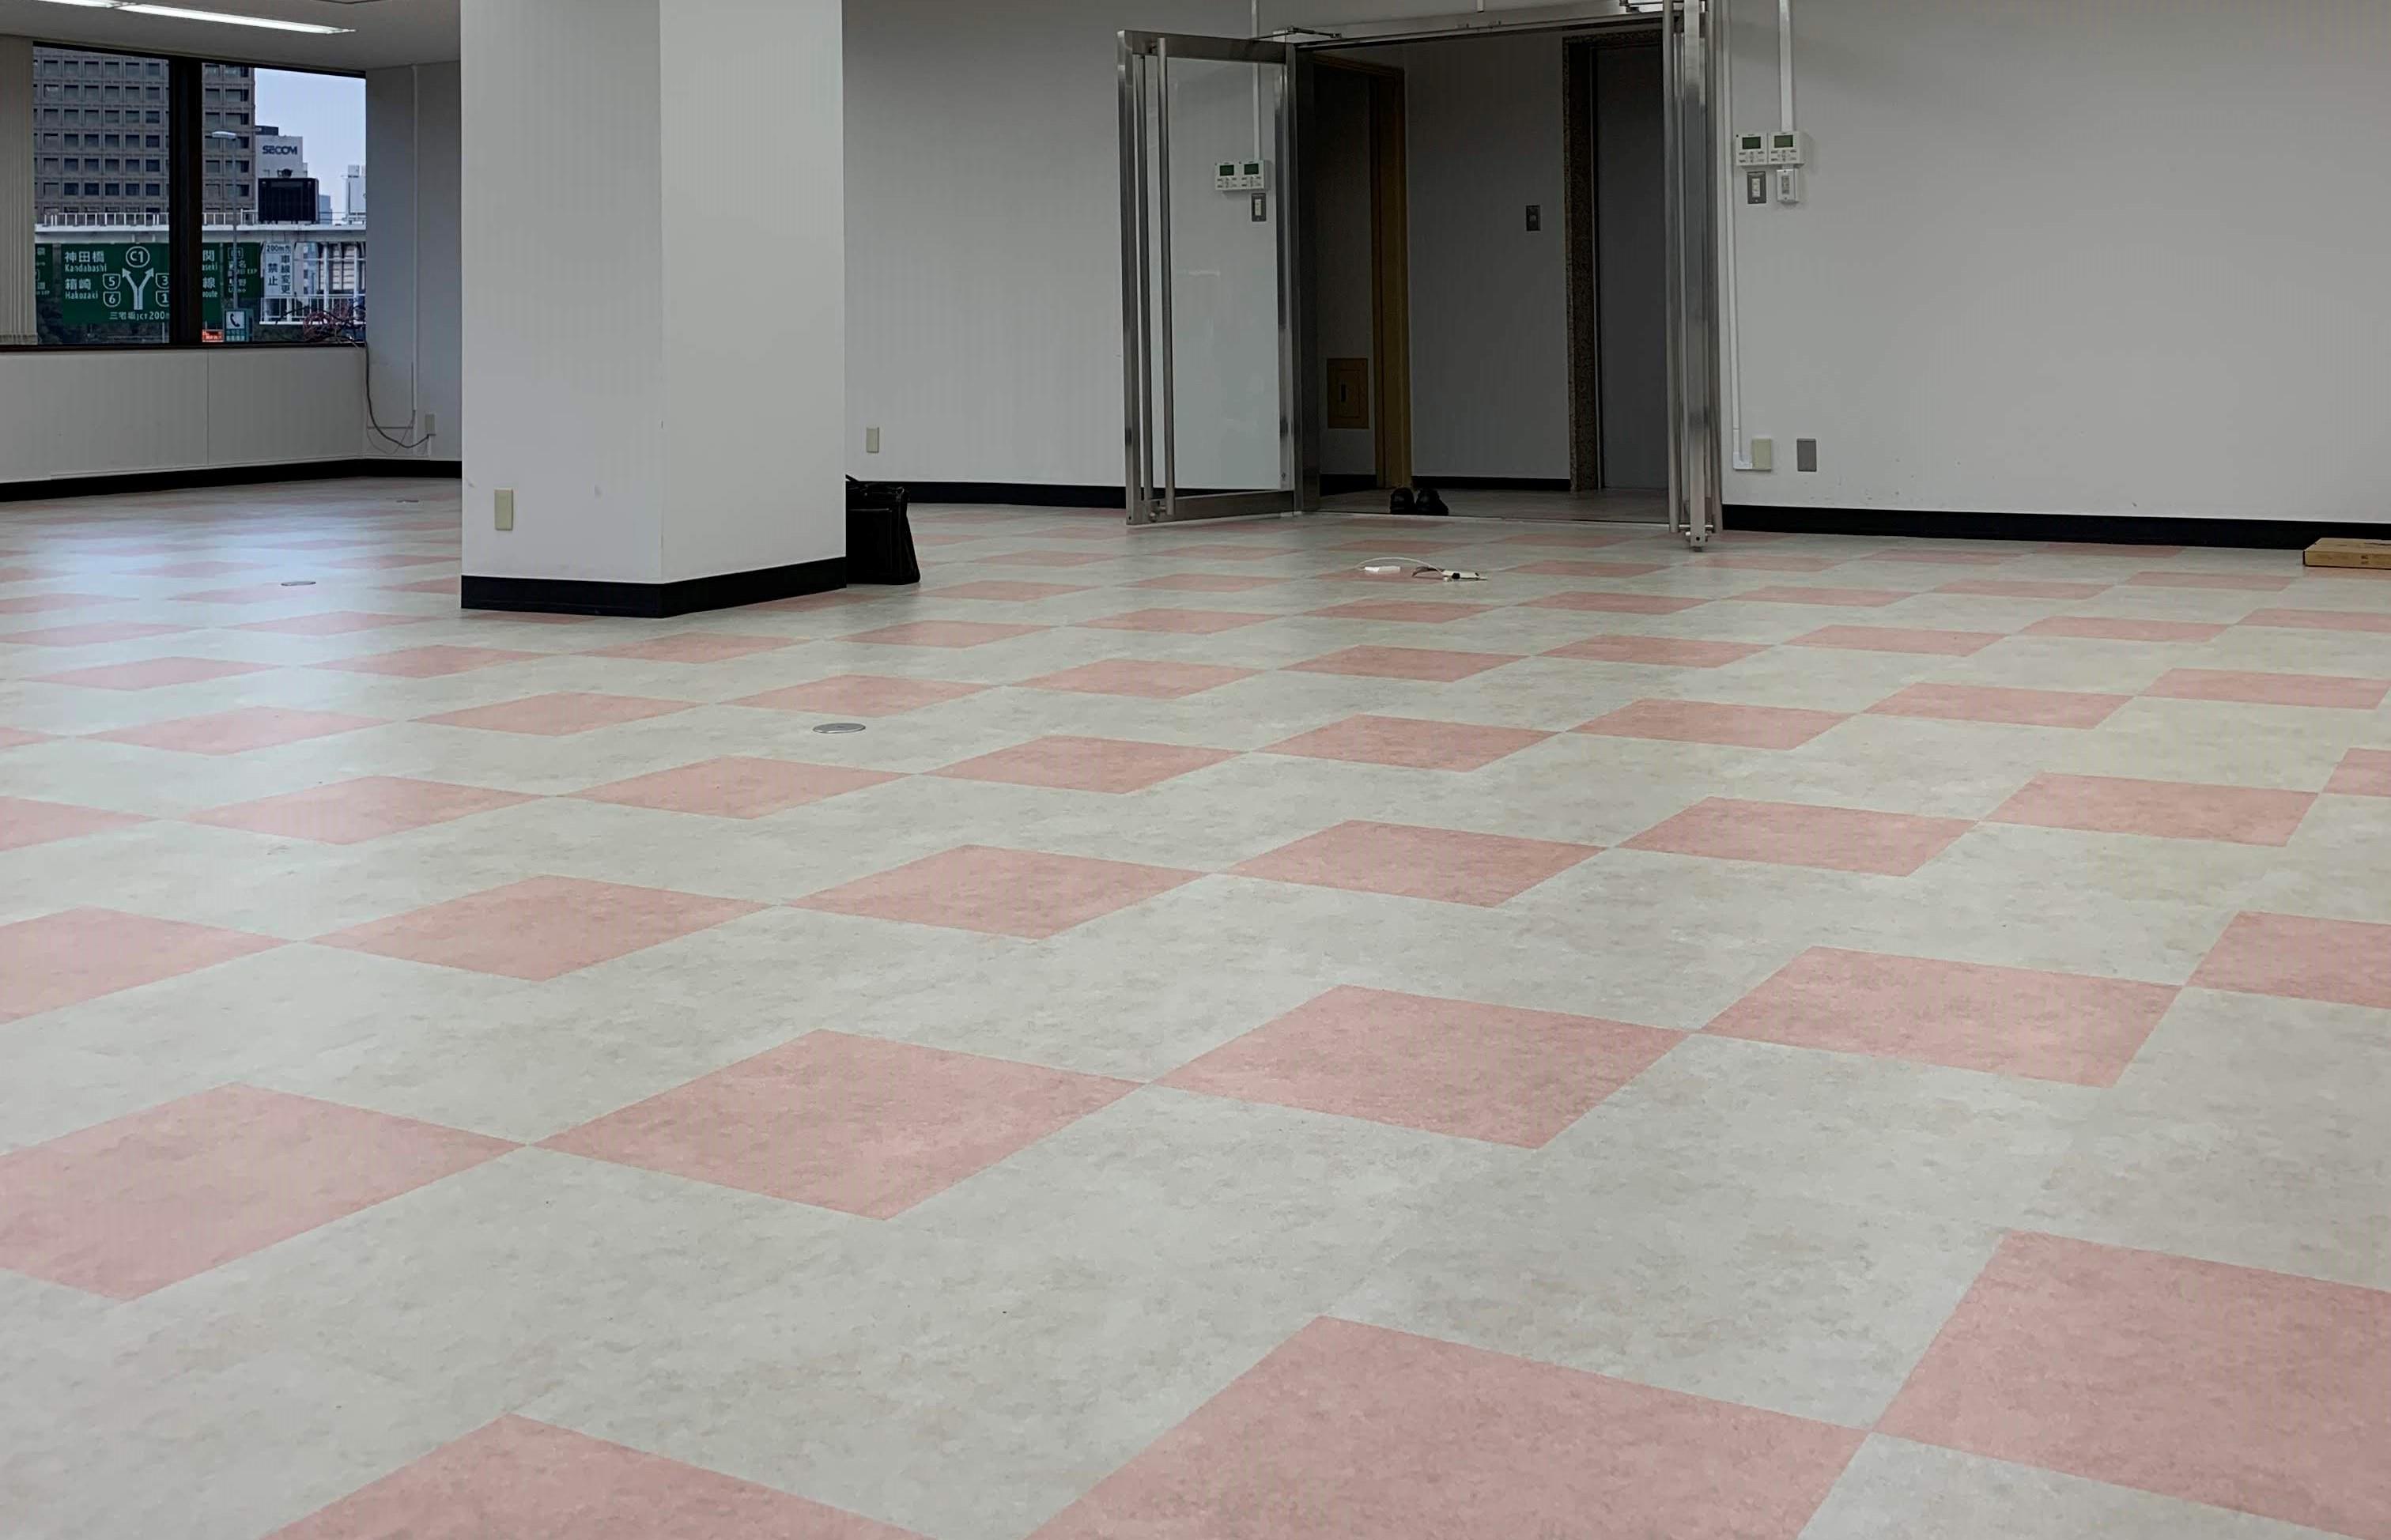 オフィス移転に伴う床の張替え工事